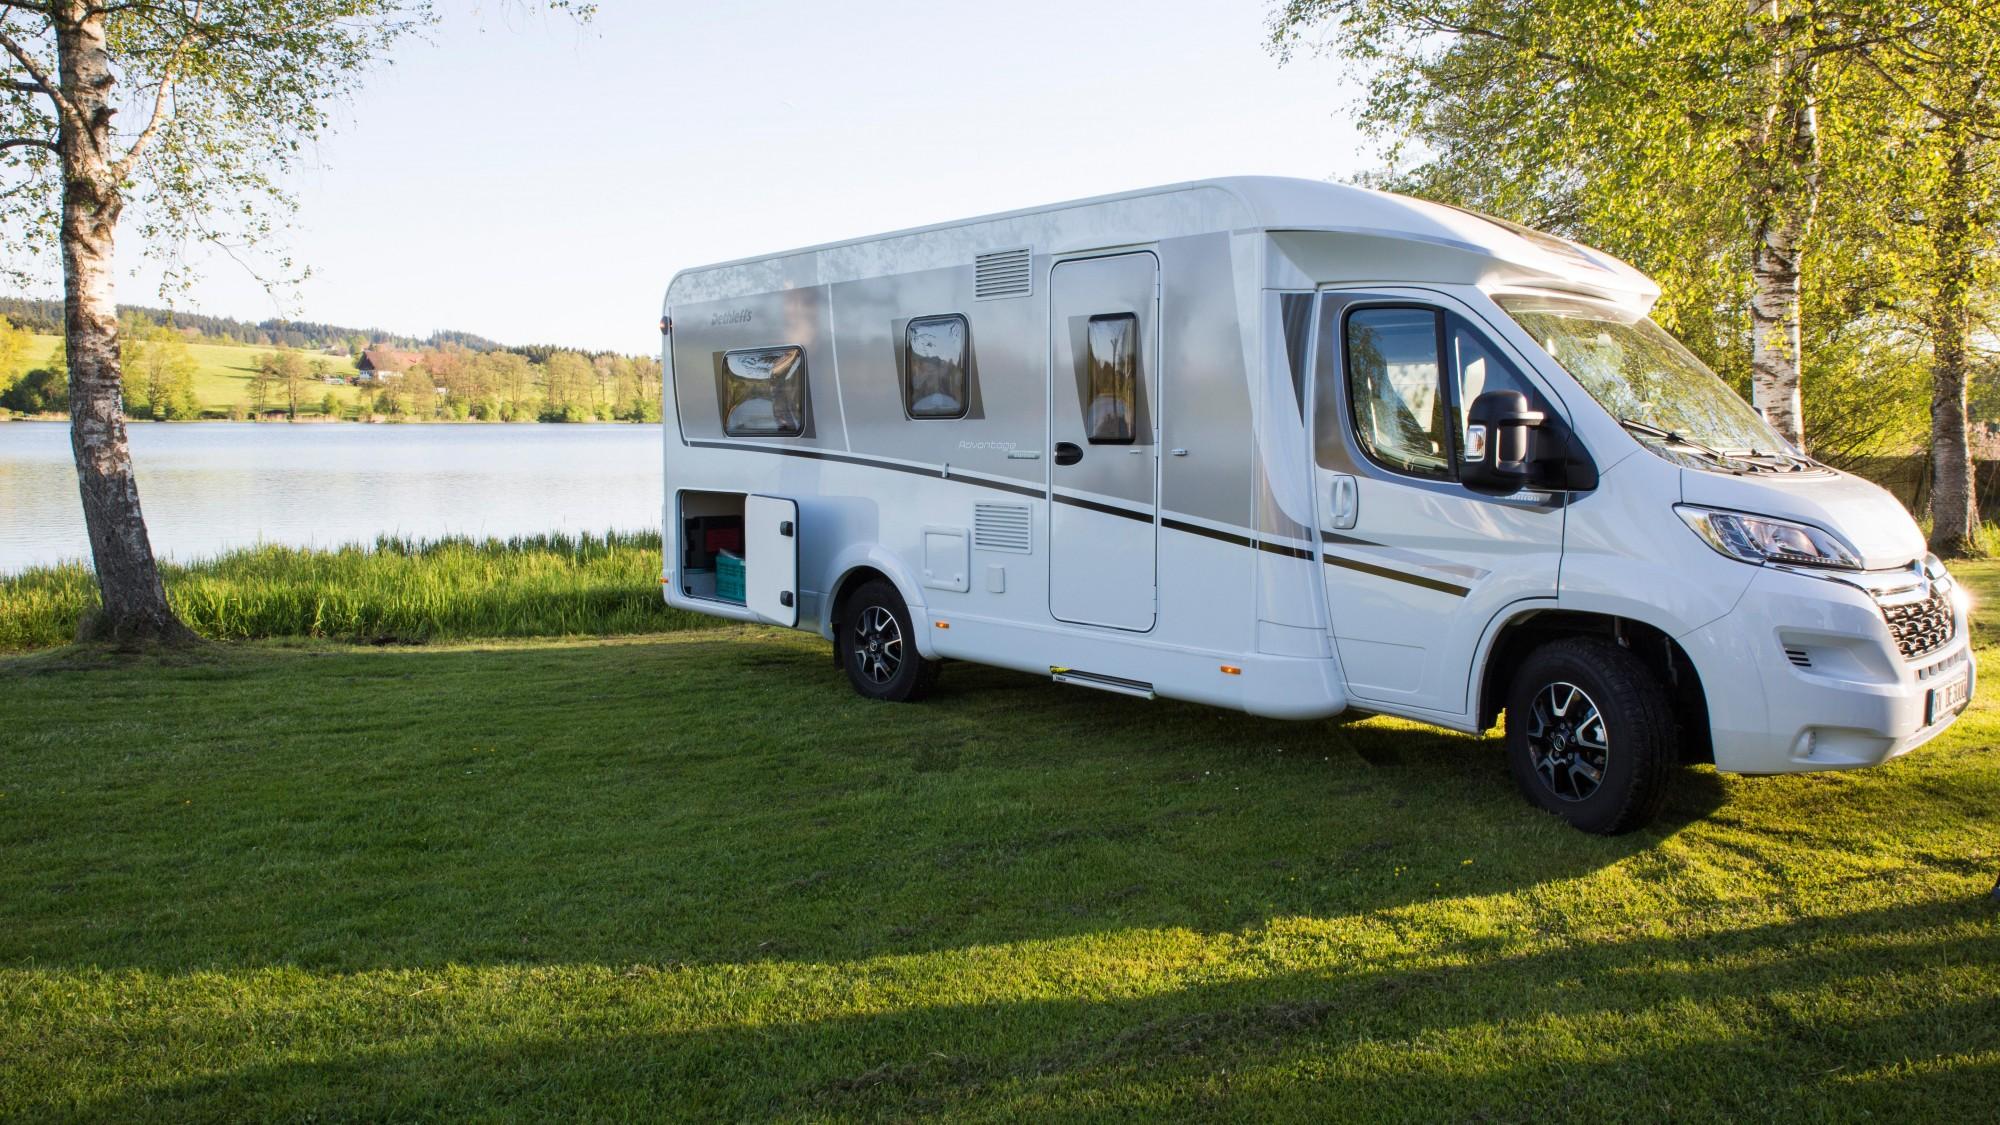 top design 100% quality info for Accueil | Pièces détachées Camping-cars